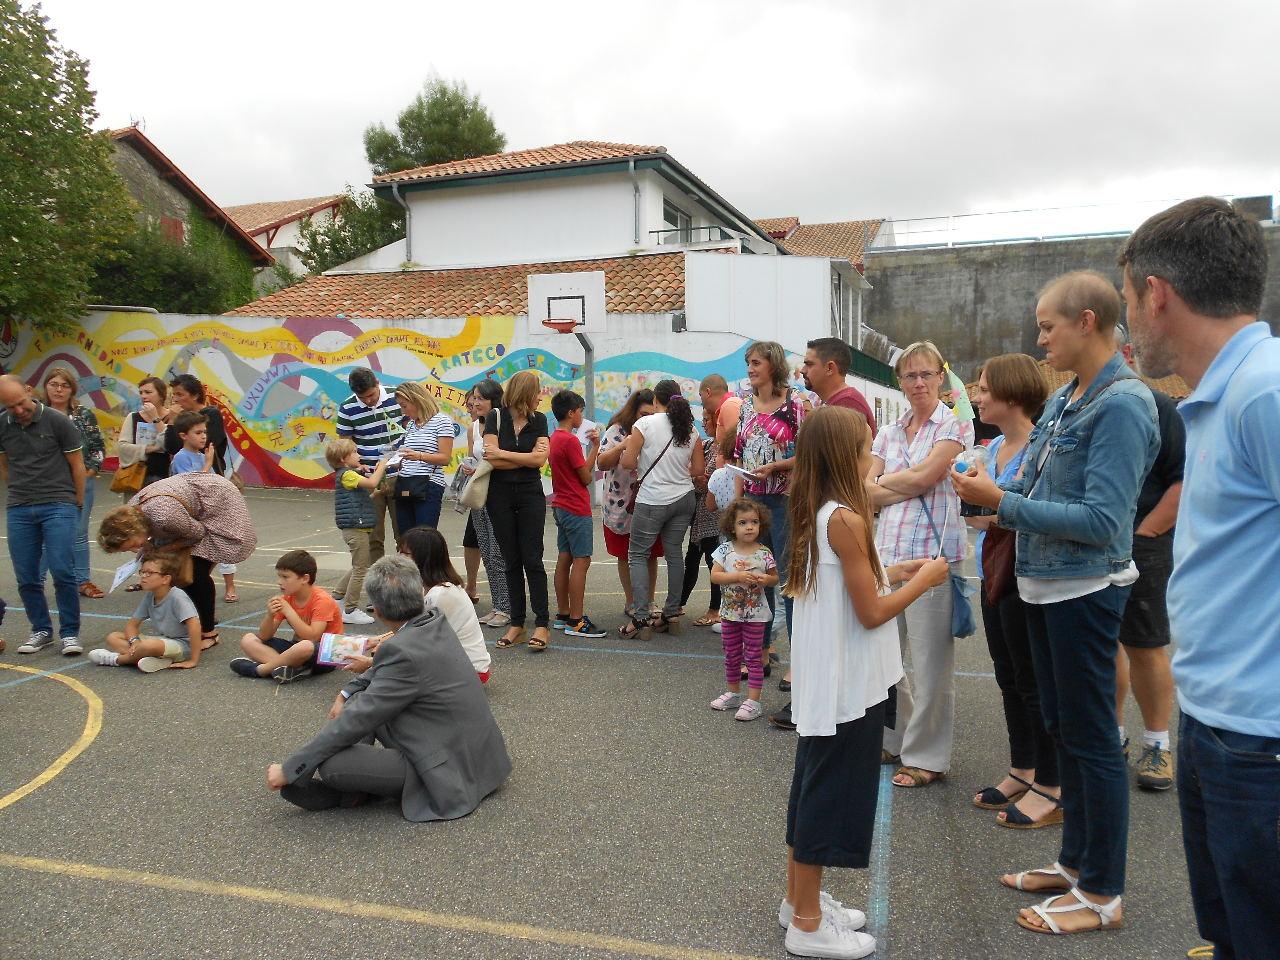 Les enfants montrent leurs bateaux aux parents étonnés !